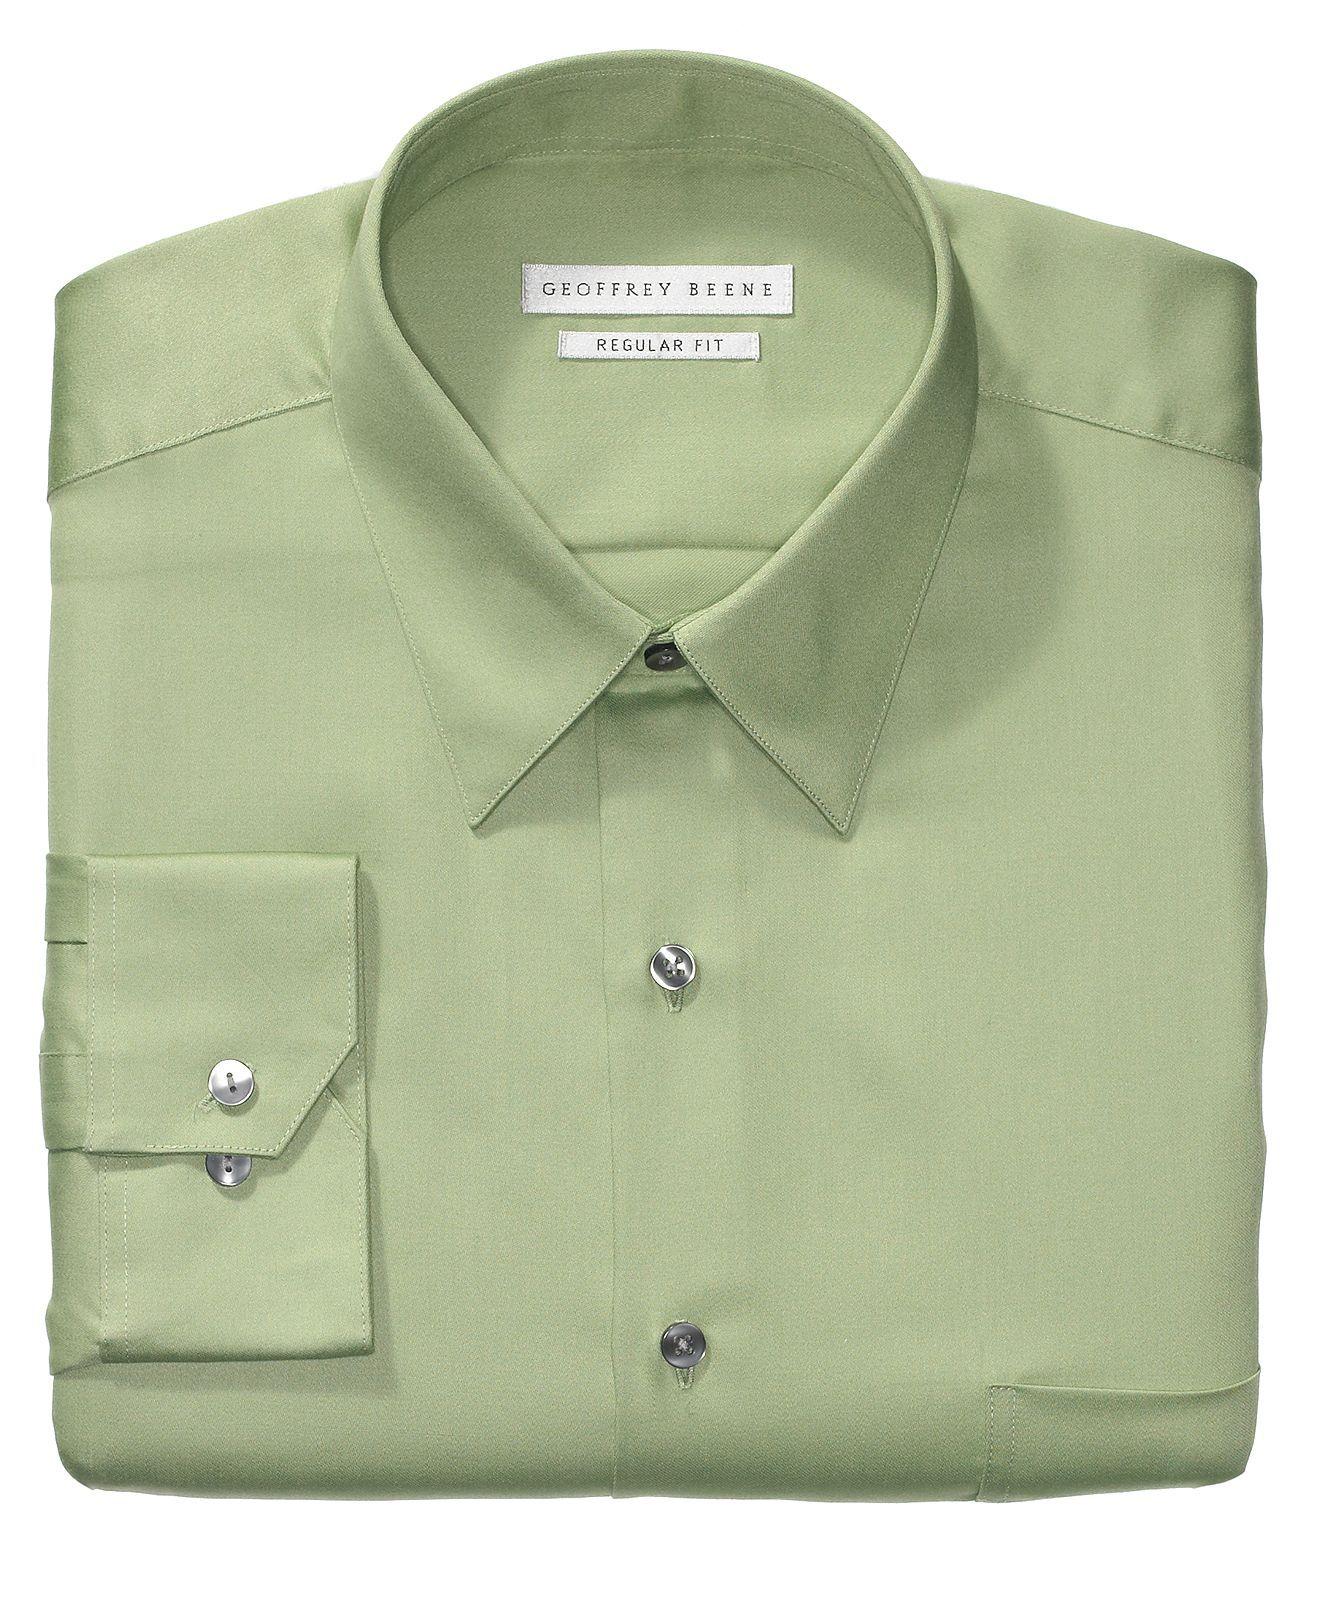 Geoffrey Beene Dress Shirt Sateen Solid Mens Dress Shirts